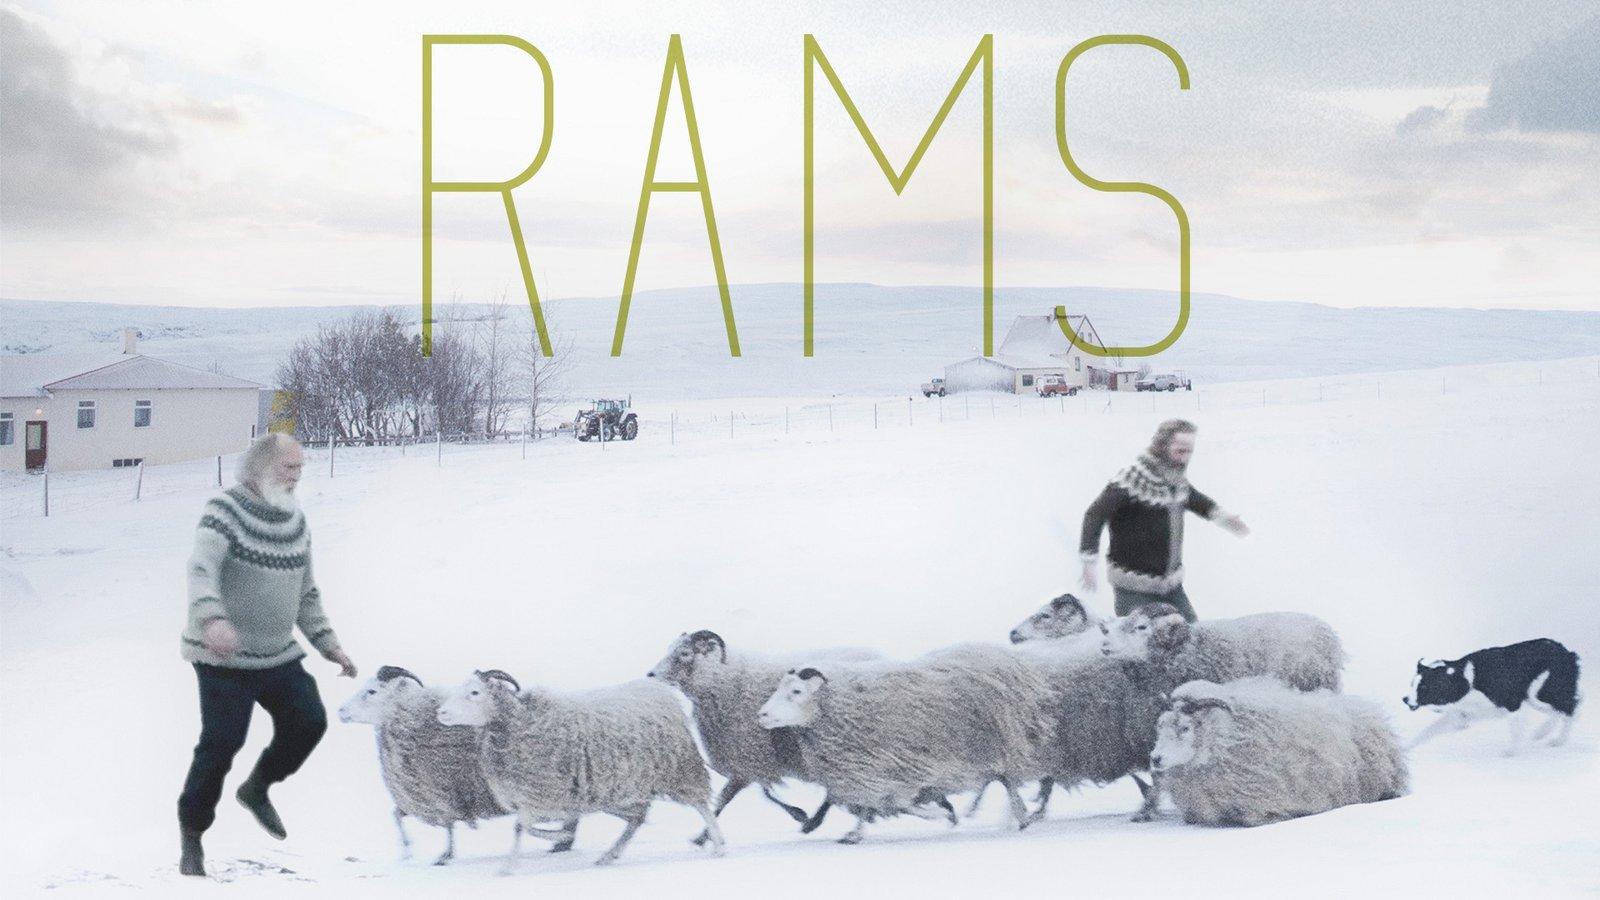 Rams - Hrútar